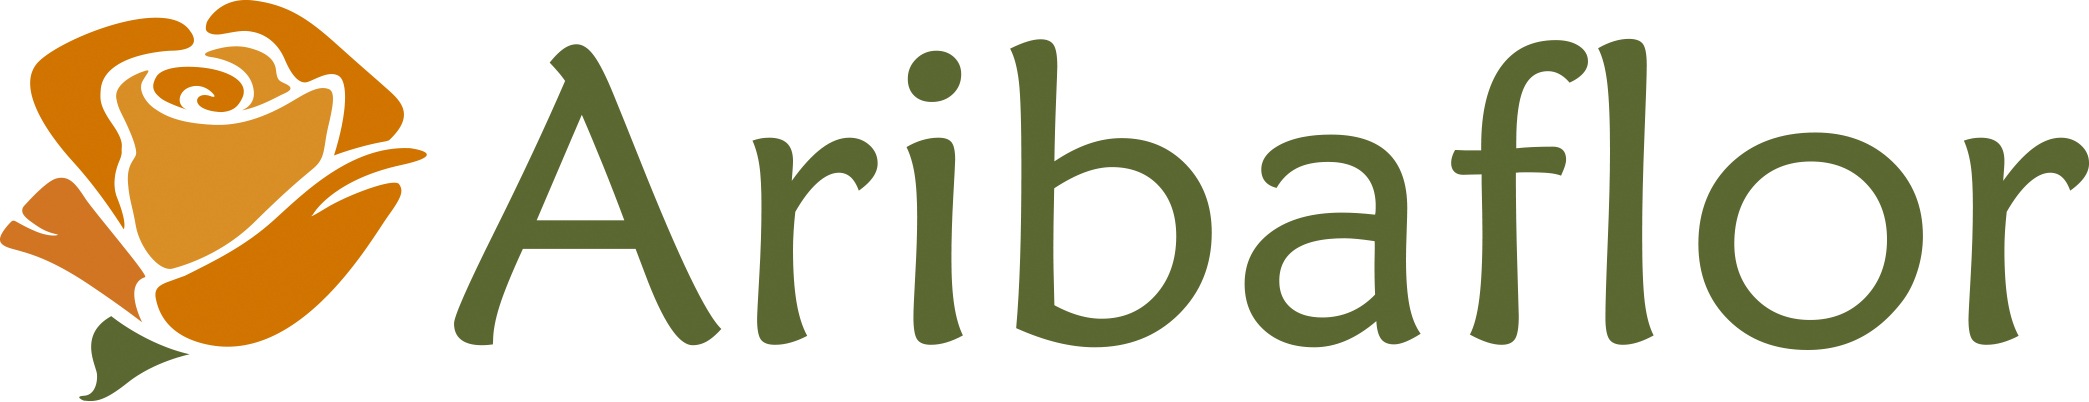 Aribaflor